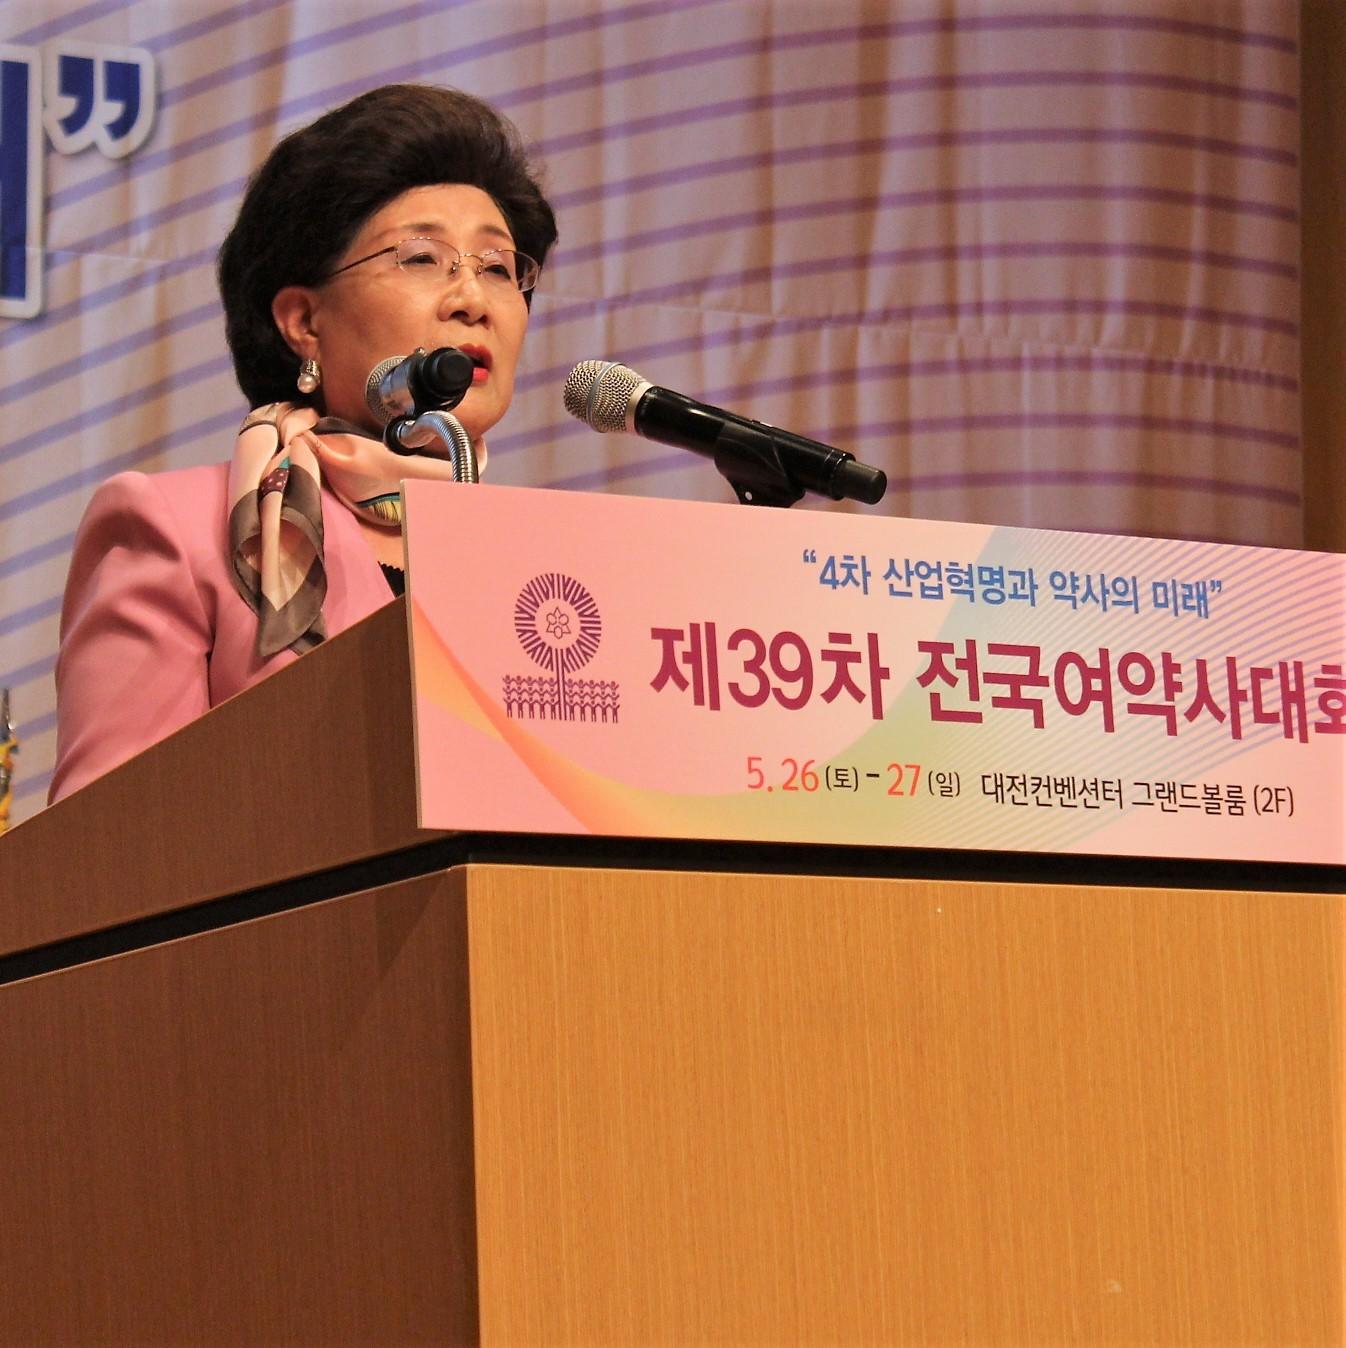 임득연 여약사위원회 부위원장